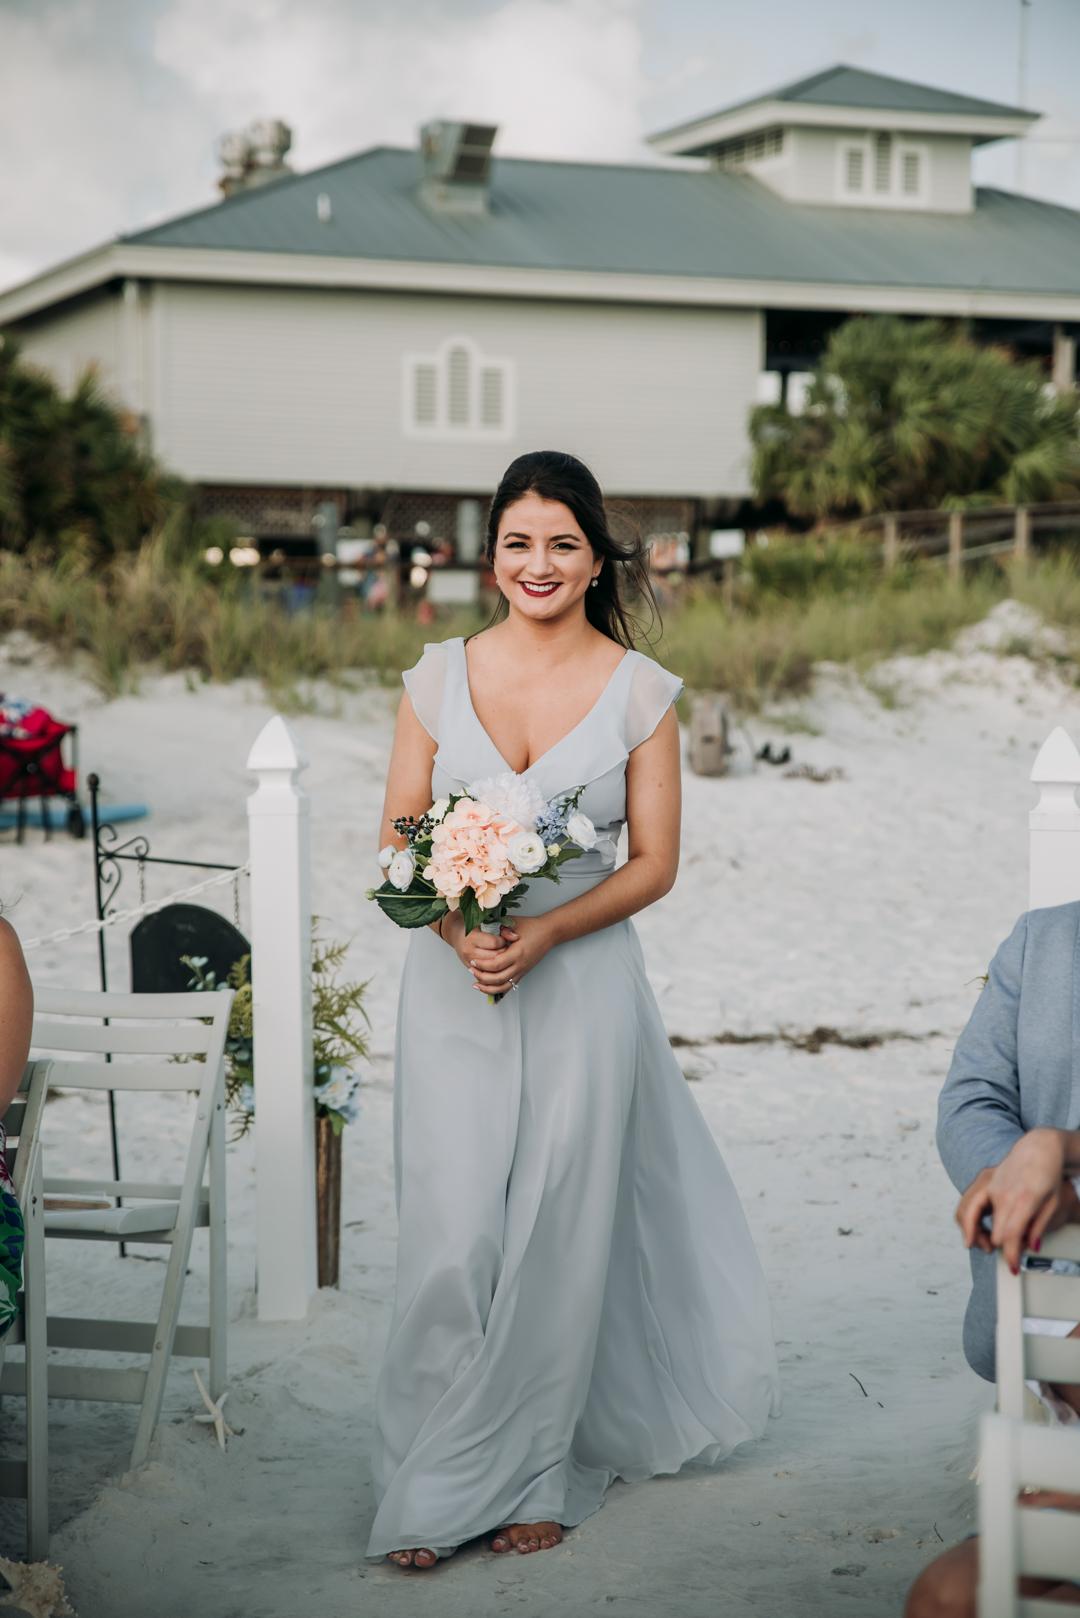 honeymoon-island-wedding-anastasia-noel-79.jpg